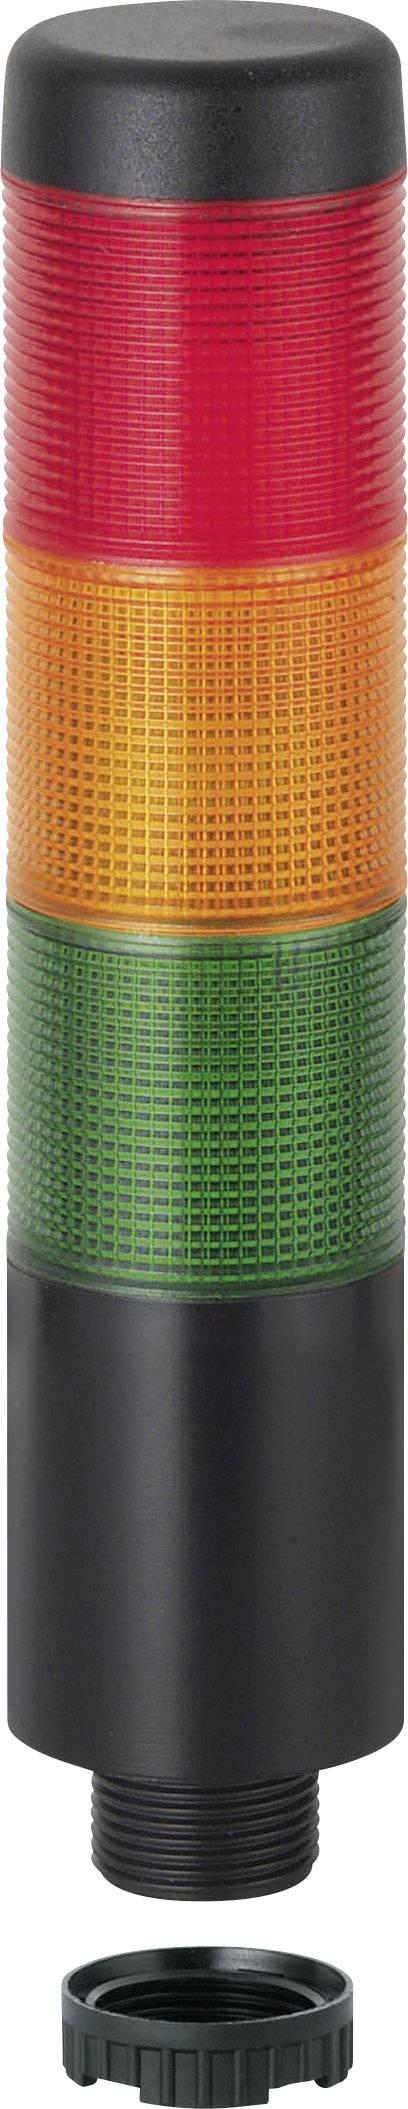 Signální sloupek LED Werma Signaltechnik WERMA KombiSign 71 698.110.75, 24 V/AC, 24 V/DC, trvalé světlo, zelená, žlutá, červená